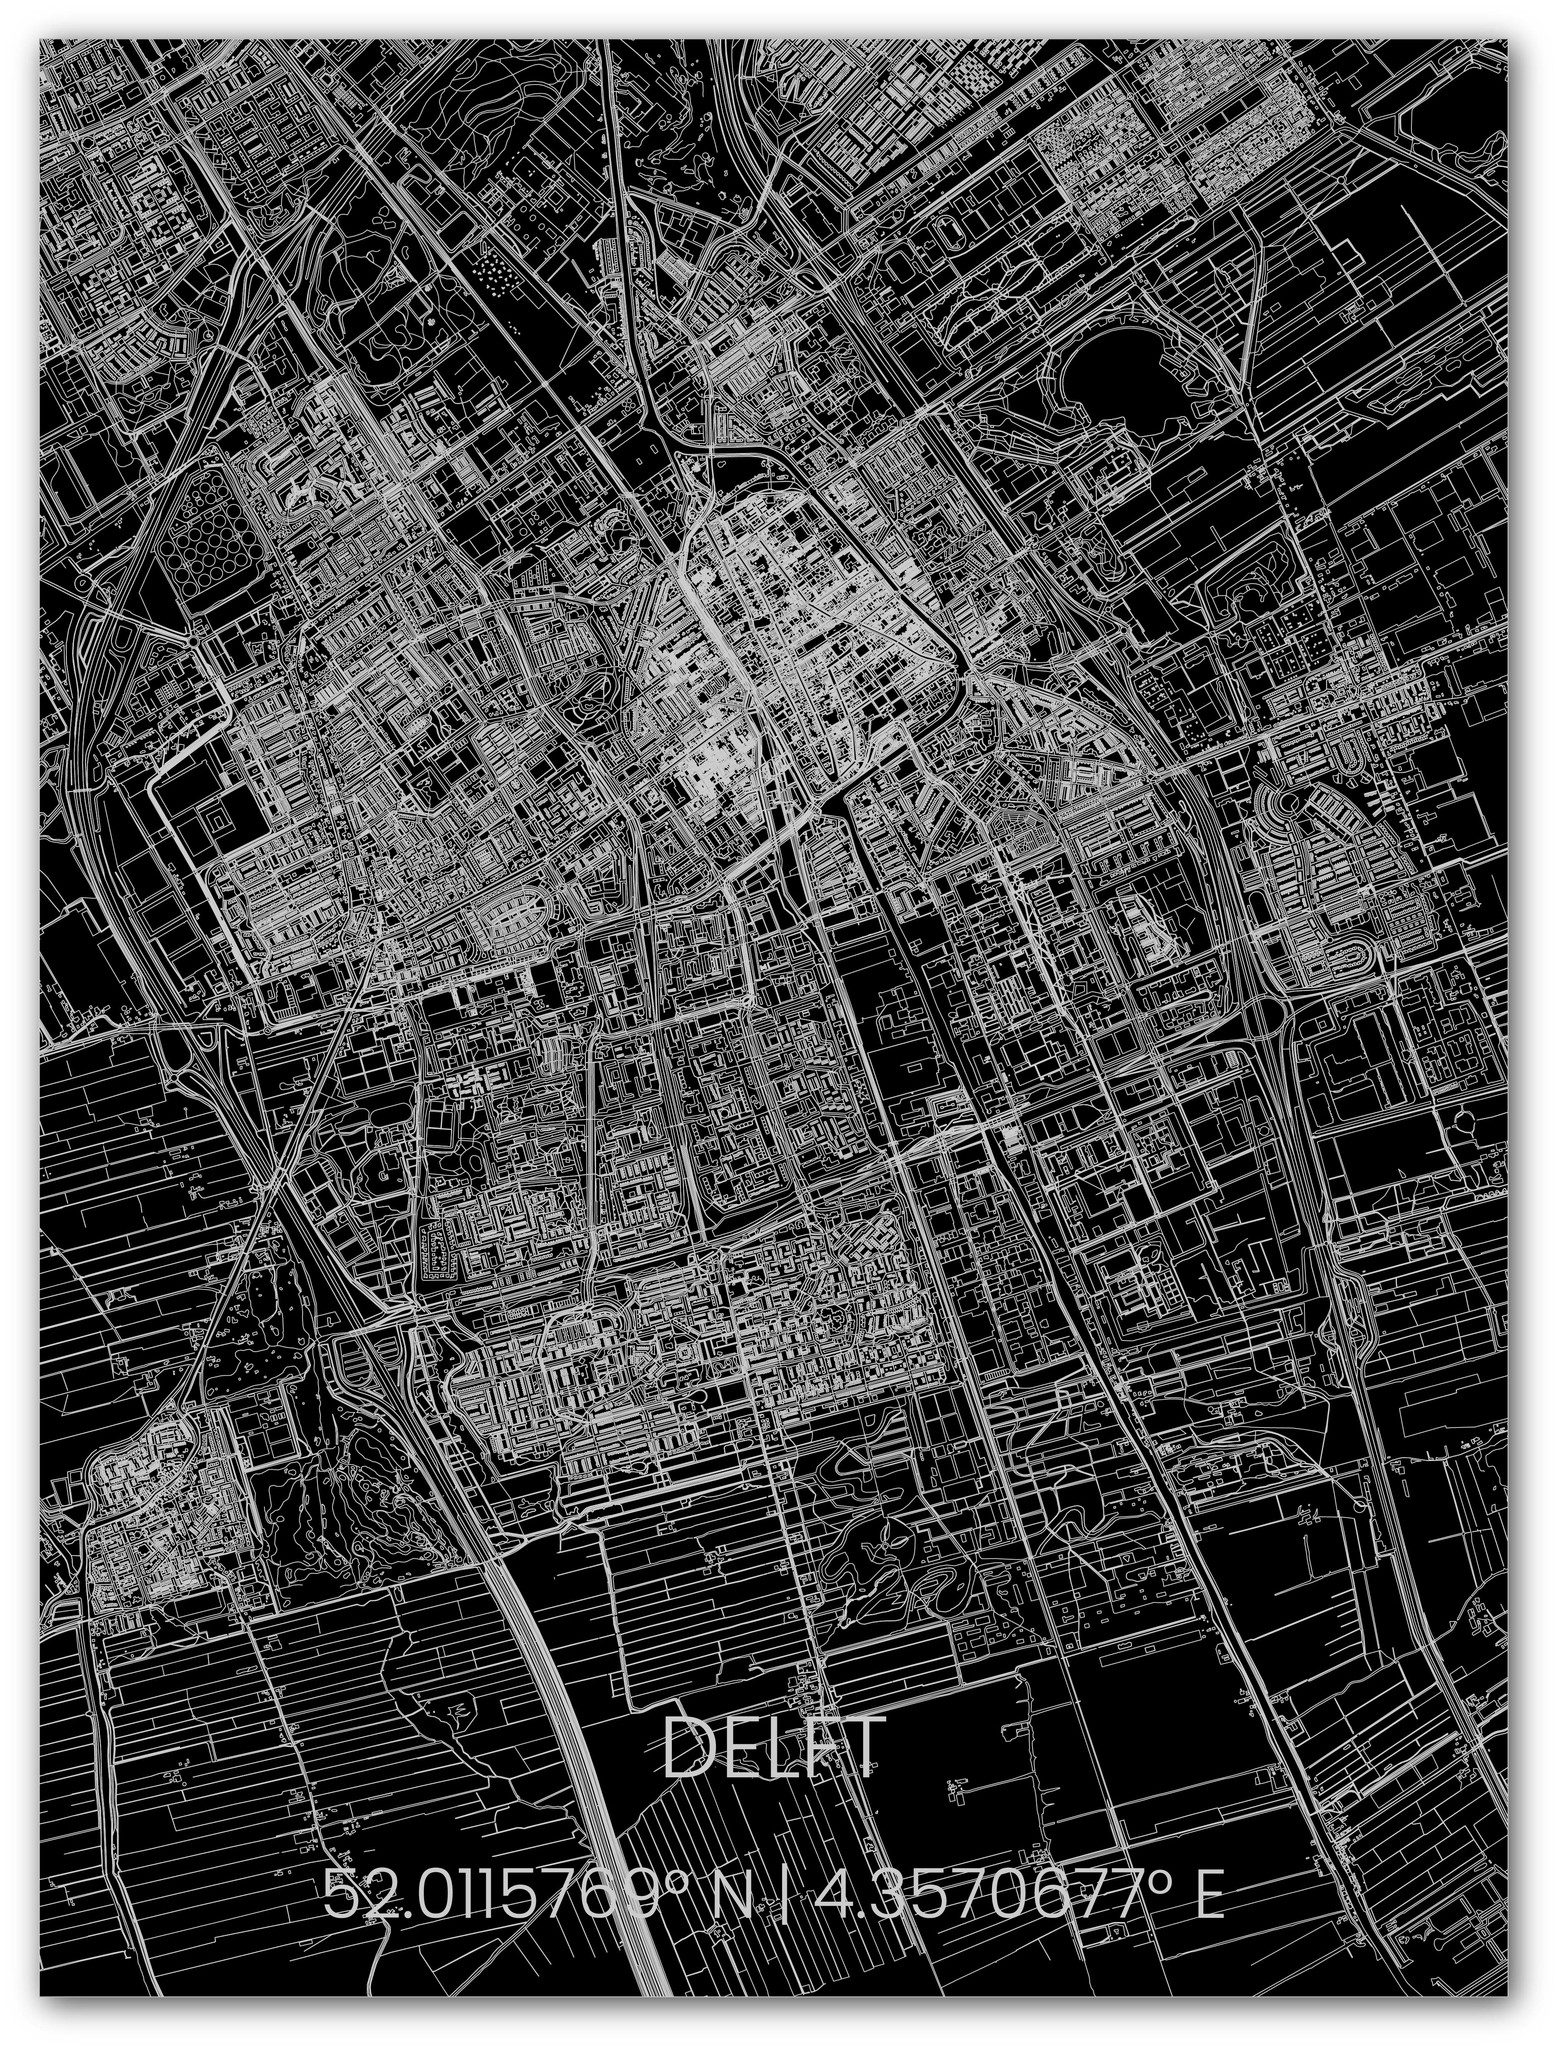 Stadtkarte Metal Delft-1